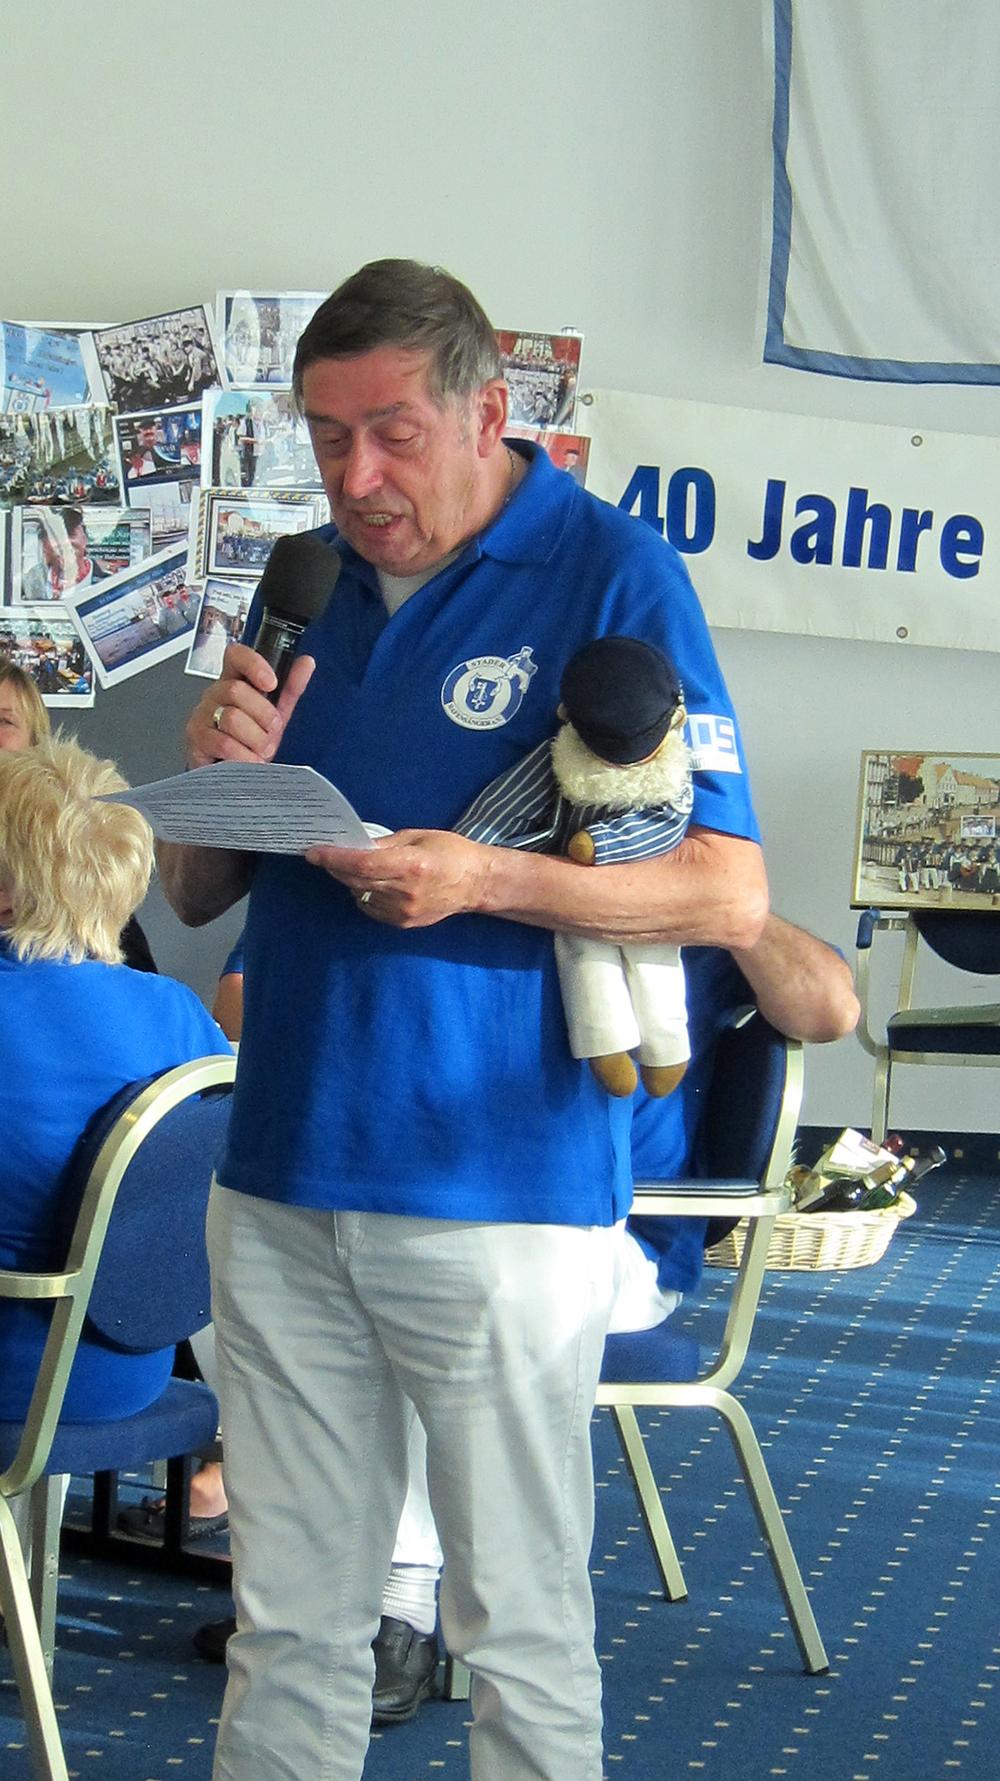 Eine launige Rede über die Gründung der Stader Hafensänger....